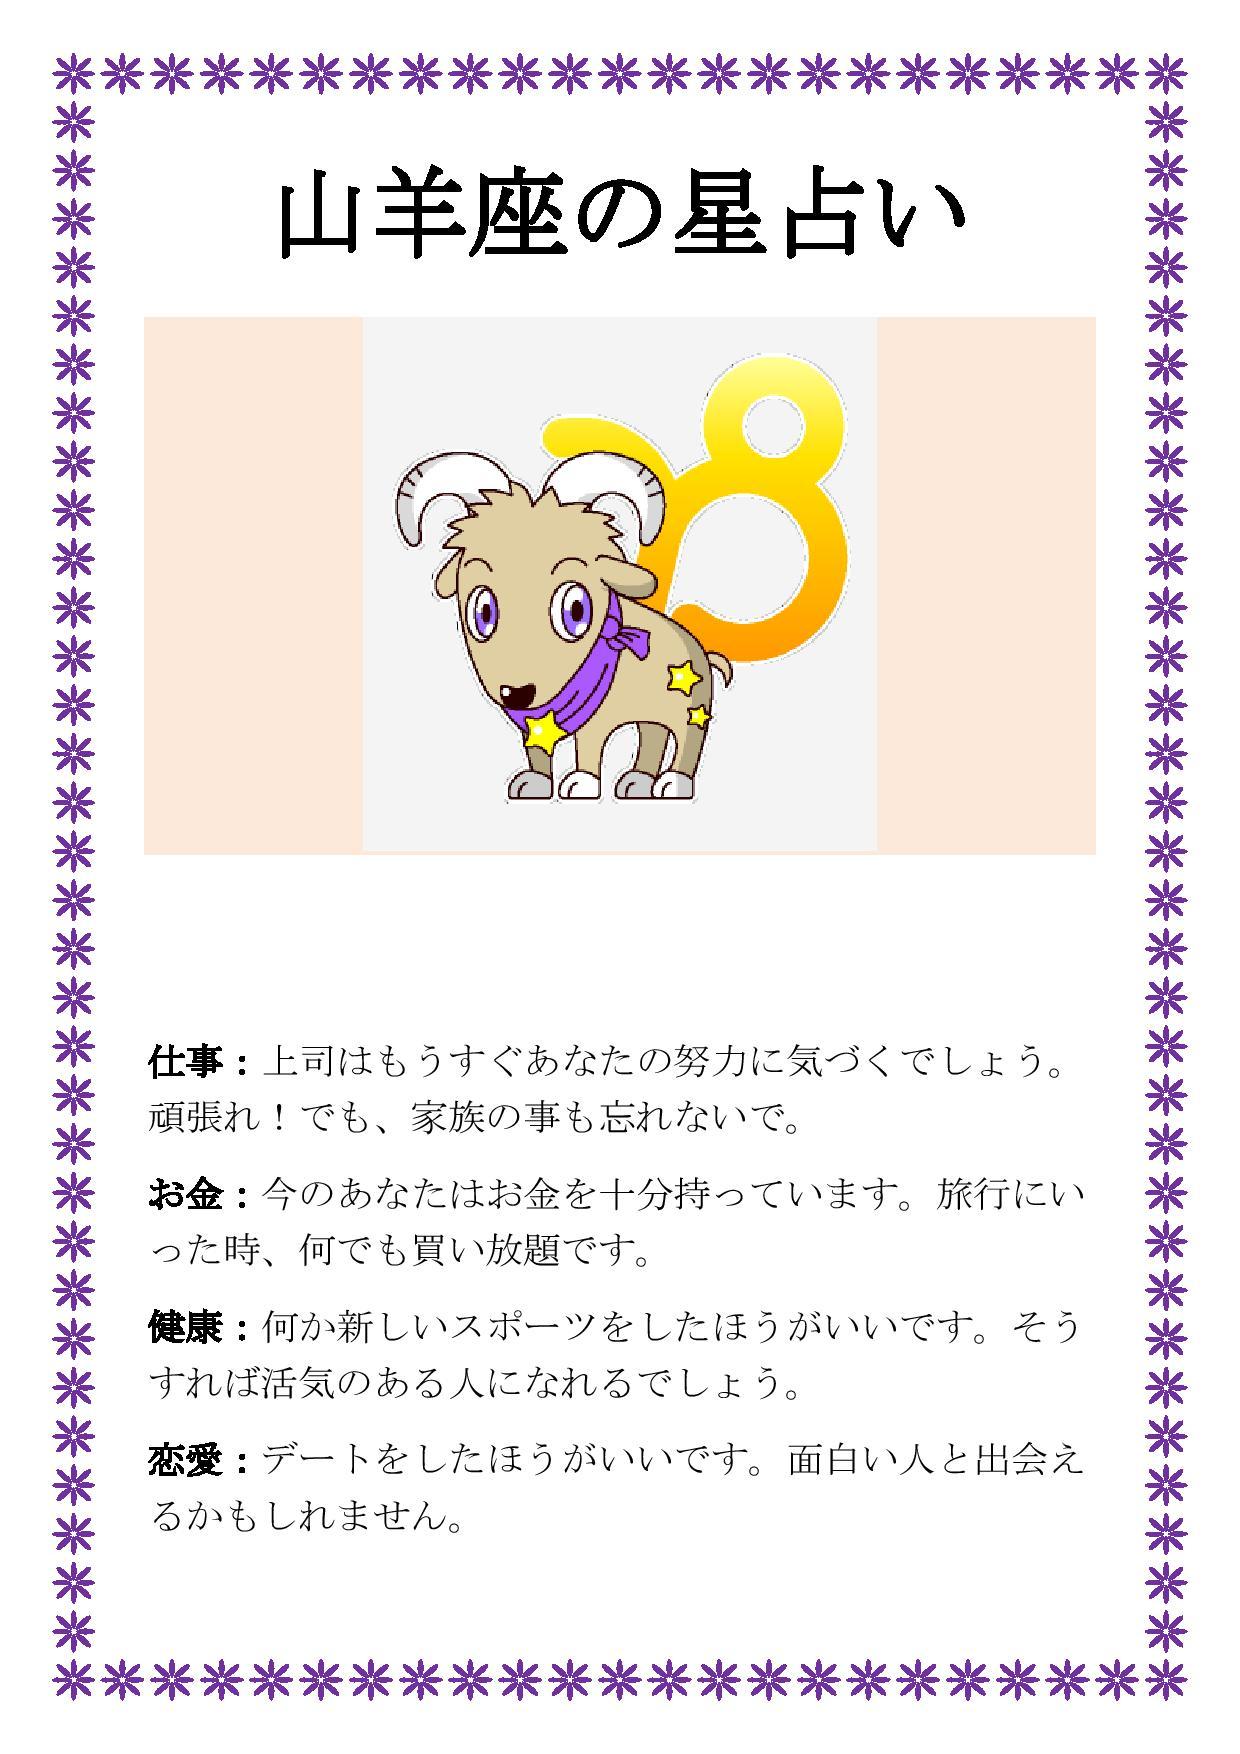 山羊座の星占い-page-001